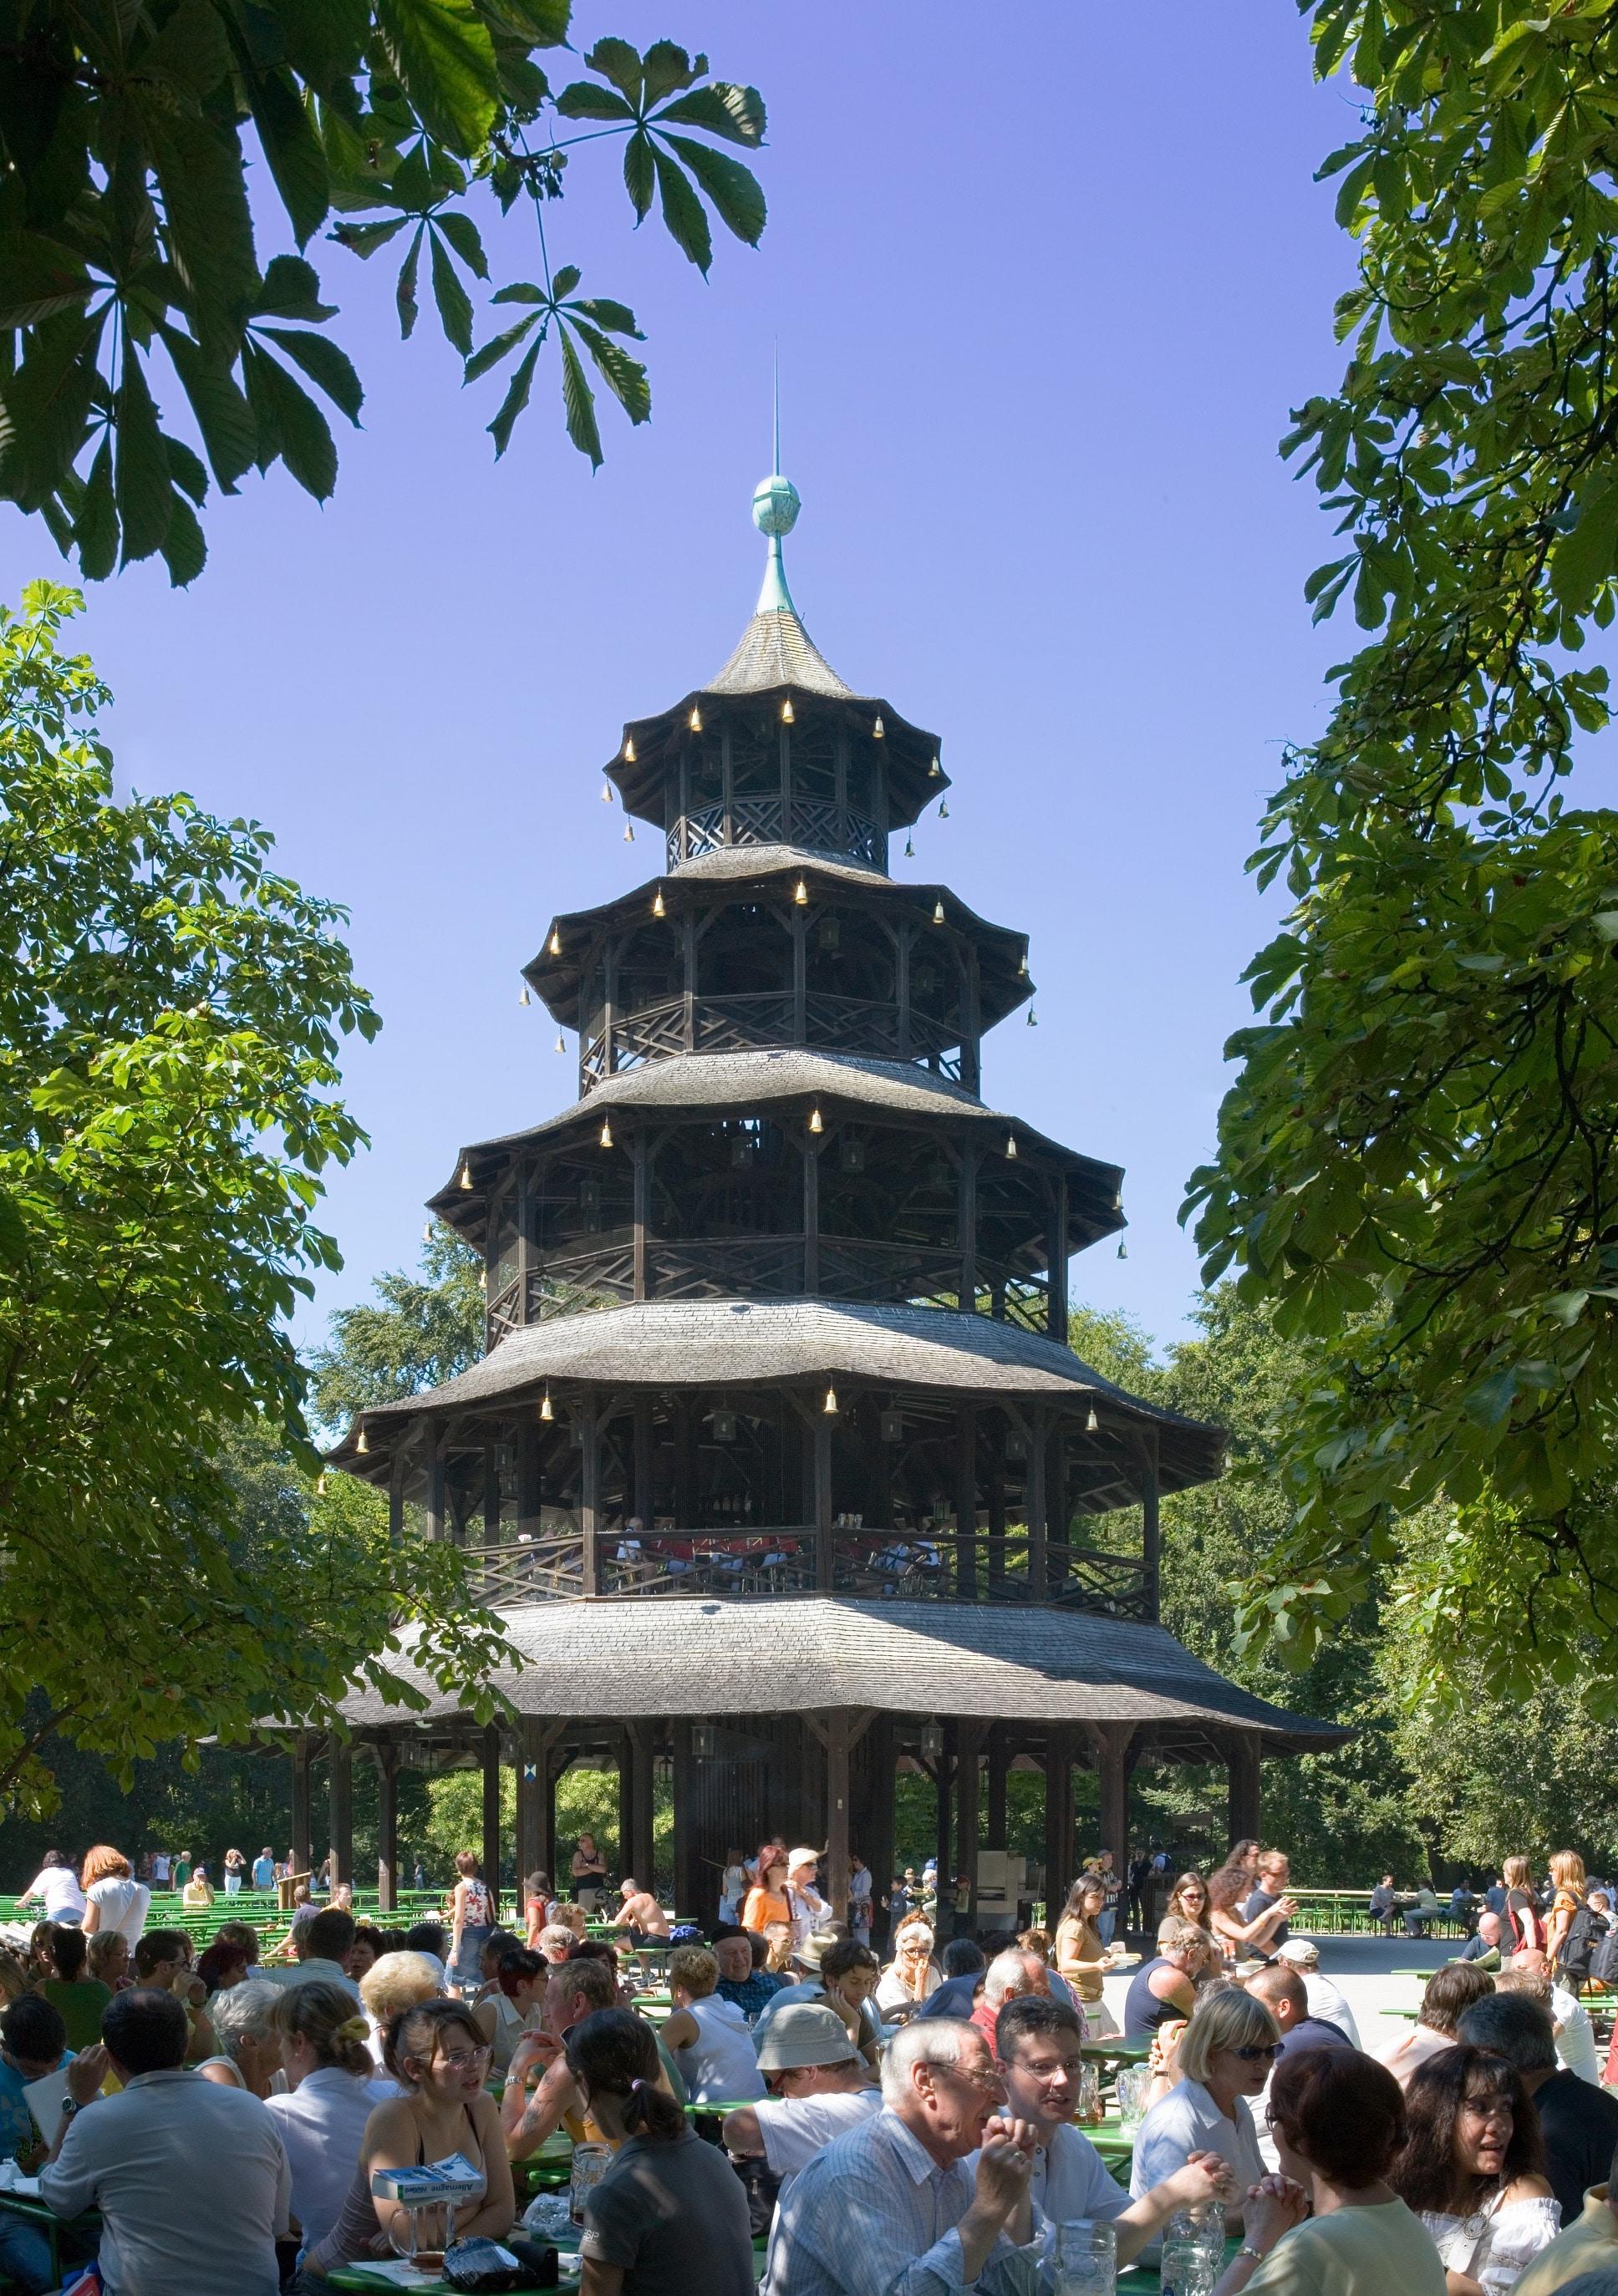 Turnul Chinezesc din Grădina Engleză este o replică a Marii Padoge din Grădinile Botanice Regale Britanice